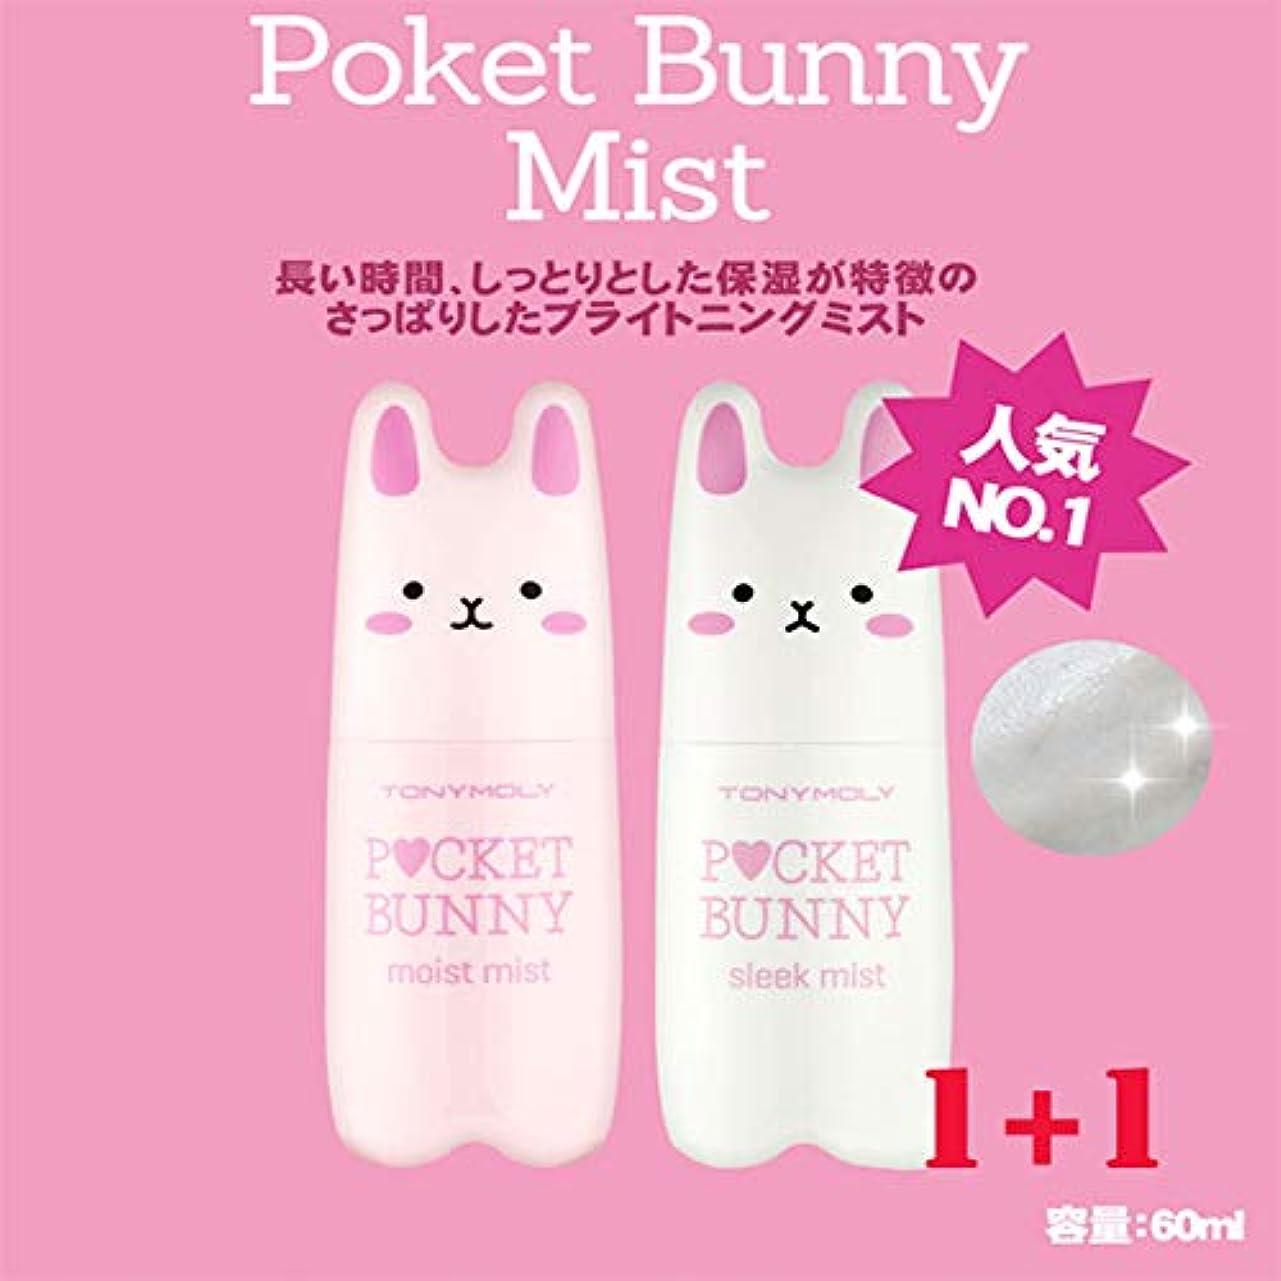 スティックうるさい[TONYMOLY]★1+1★トニーモリー ポケットバニー ミスト?すべすべタイプ +モイスト?ミスト,ピンク (Pocket Bunny Mist Sleek Mist 60ml)+ (Pocket Bunny Moist...